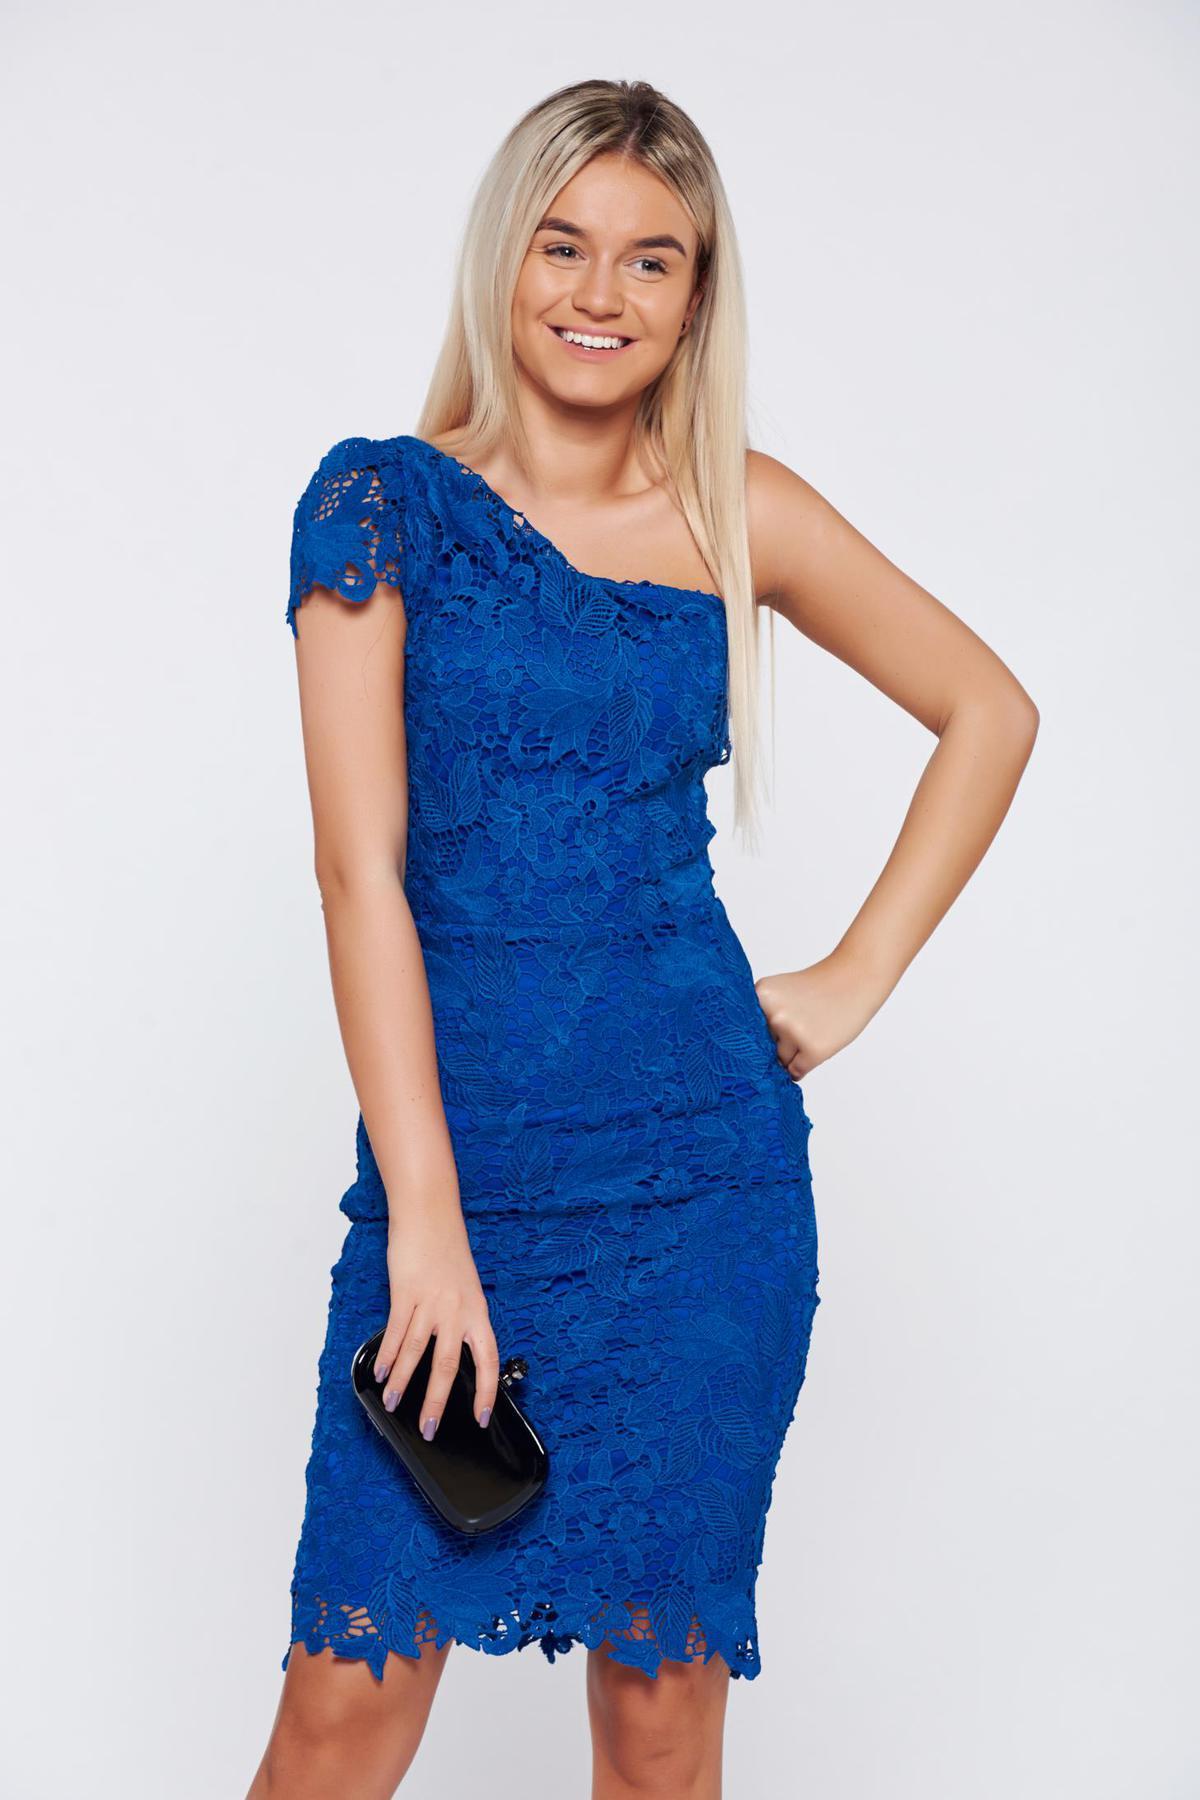 Rochie albastra de ocazie tip creion din dantela captusita pe interior